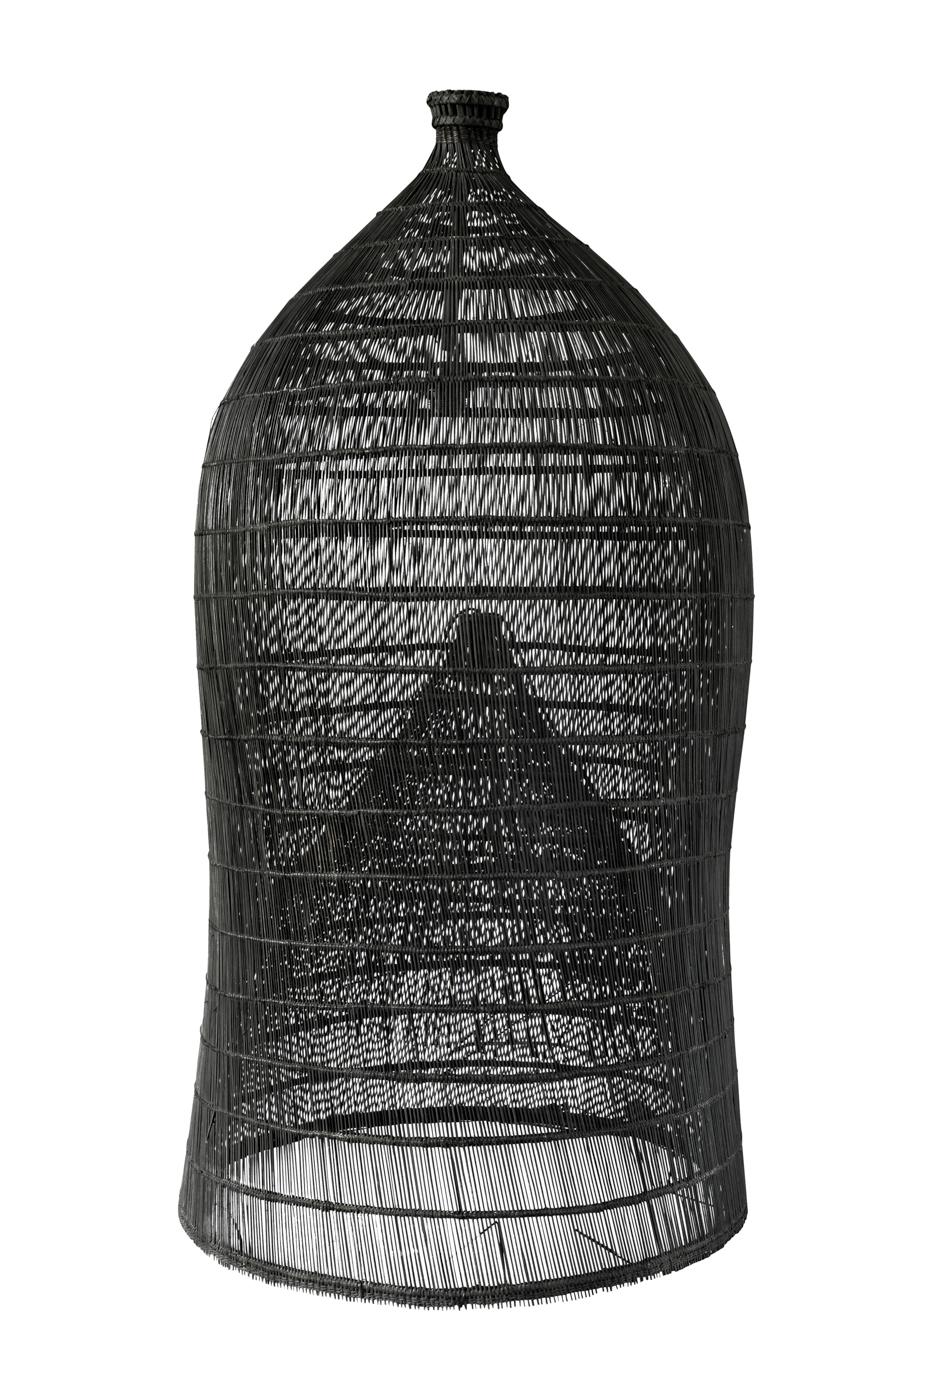 Lámpara Balinesa en bamboo estilo trampa camaronera